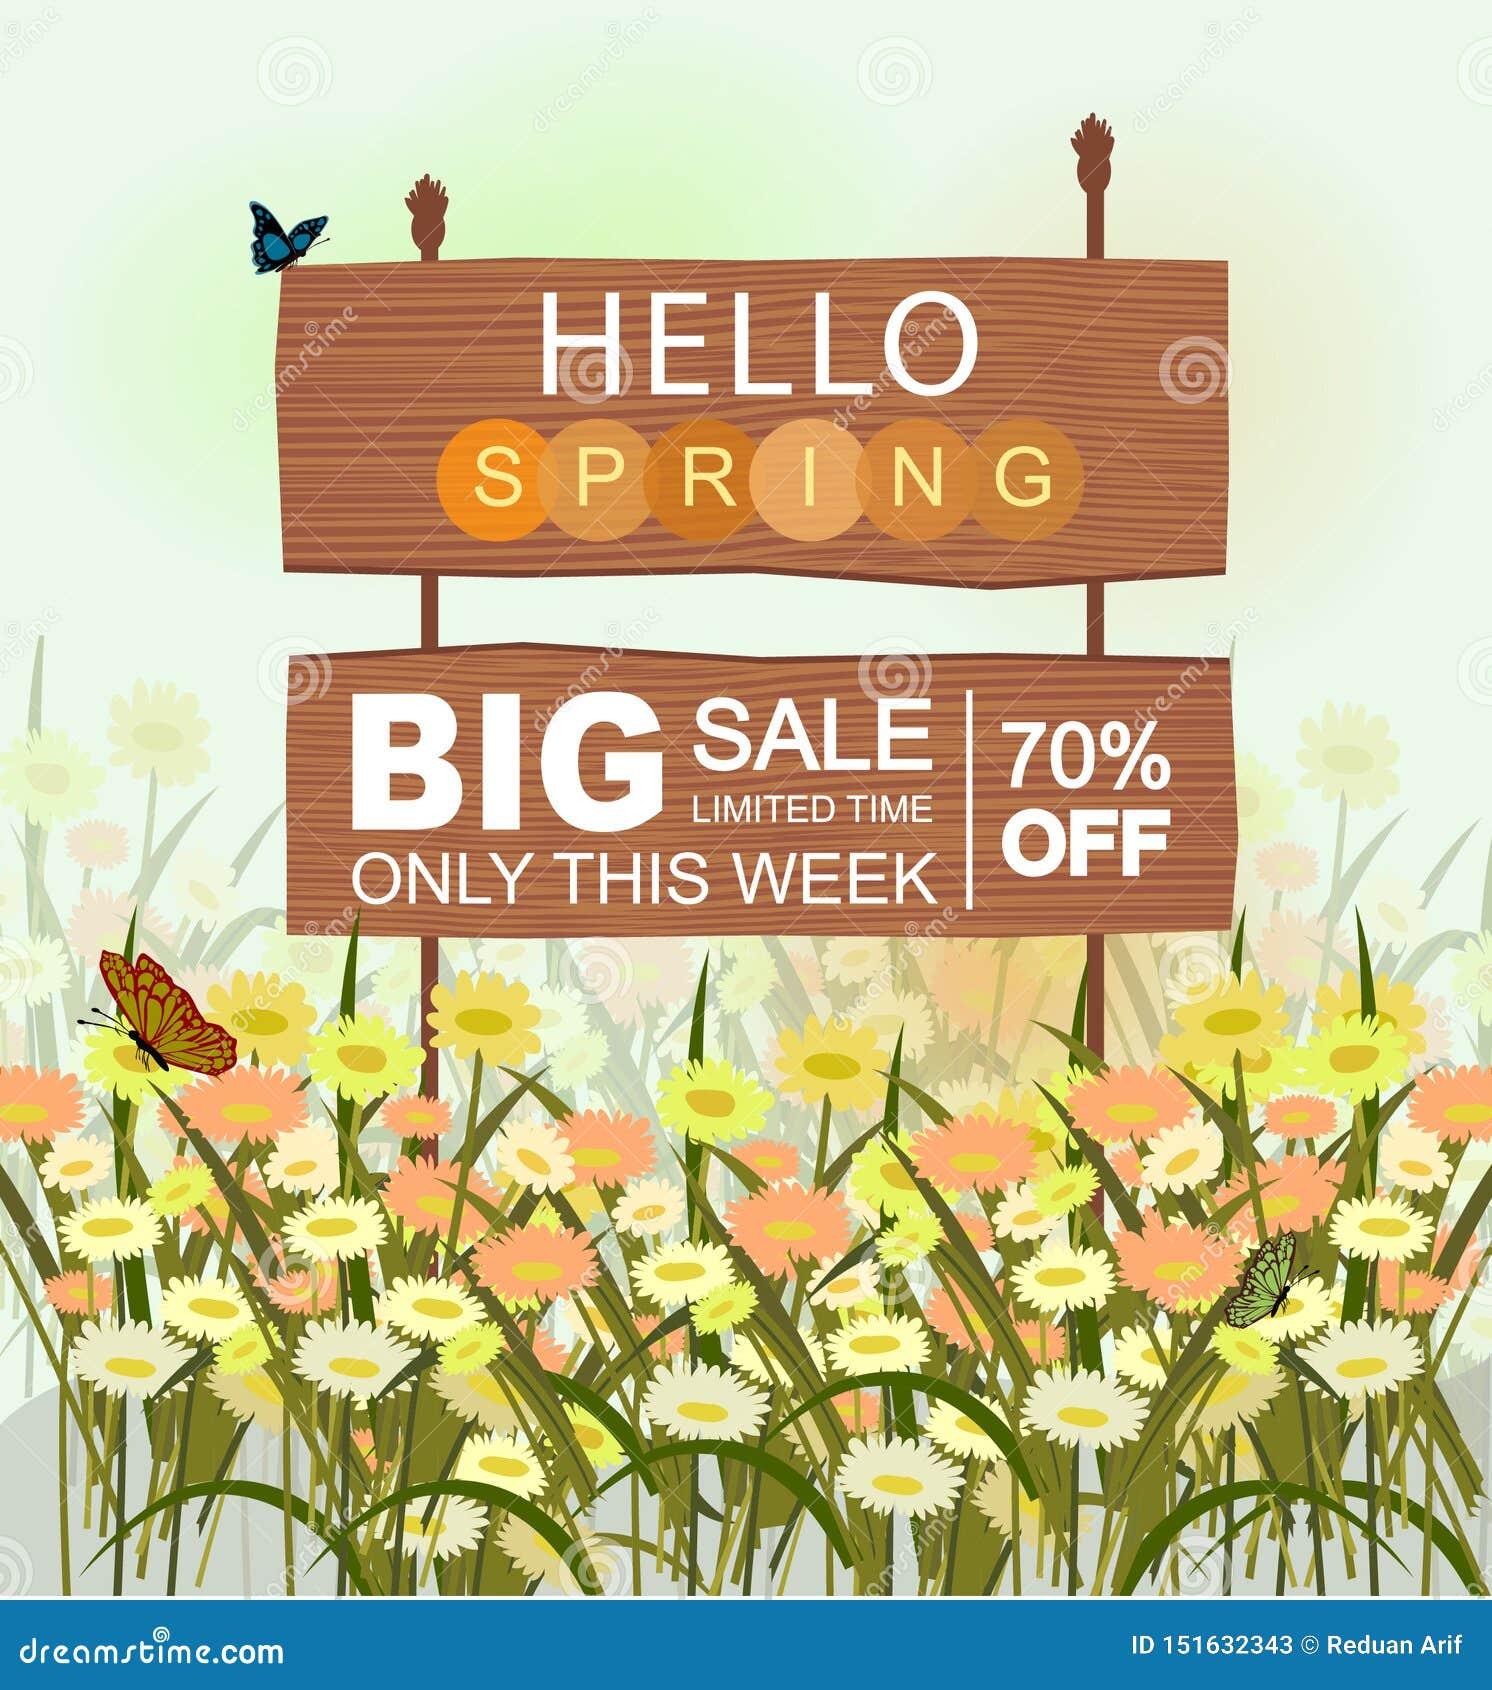 Ξύλινο σημάδι πώλησης με γειά σου την εγγραφή ανοίξεων, με τα λουλούδια και τις πεταλούδες